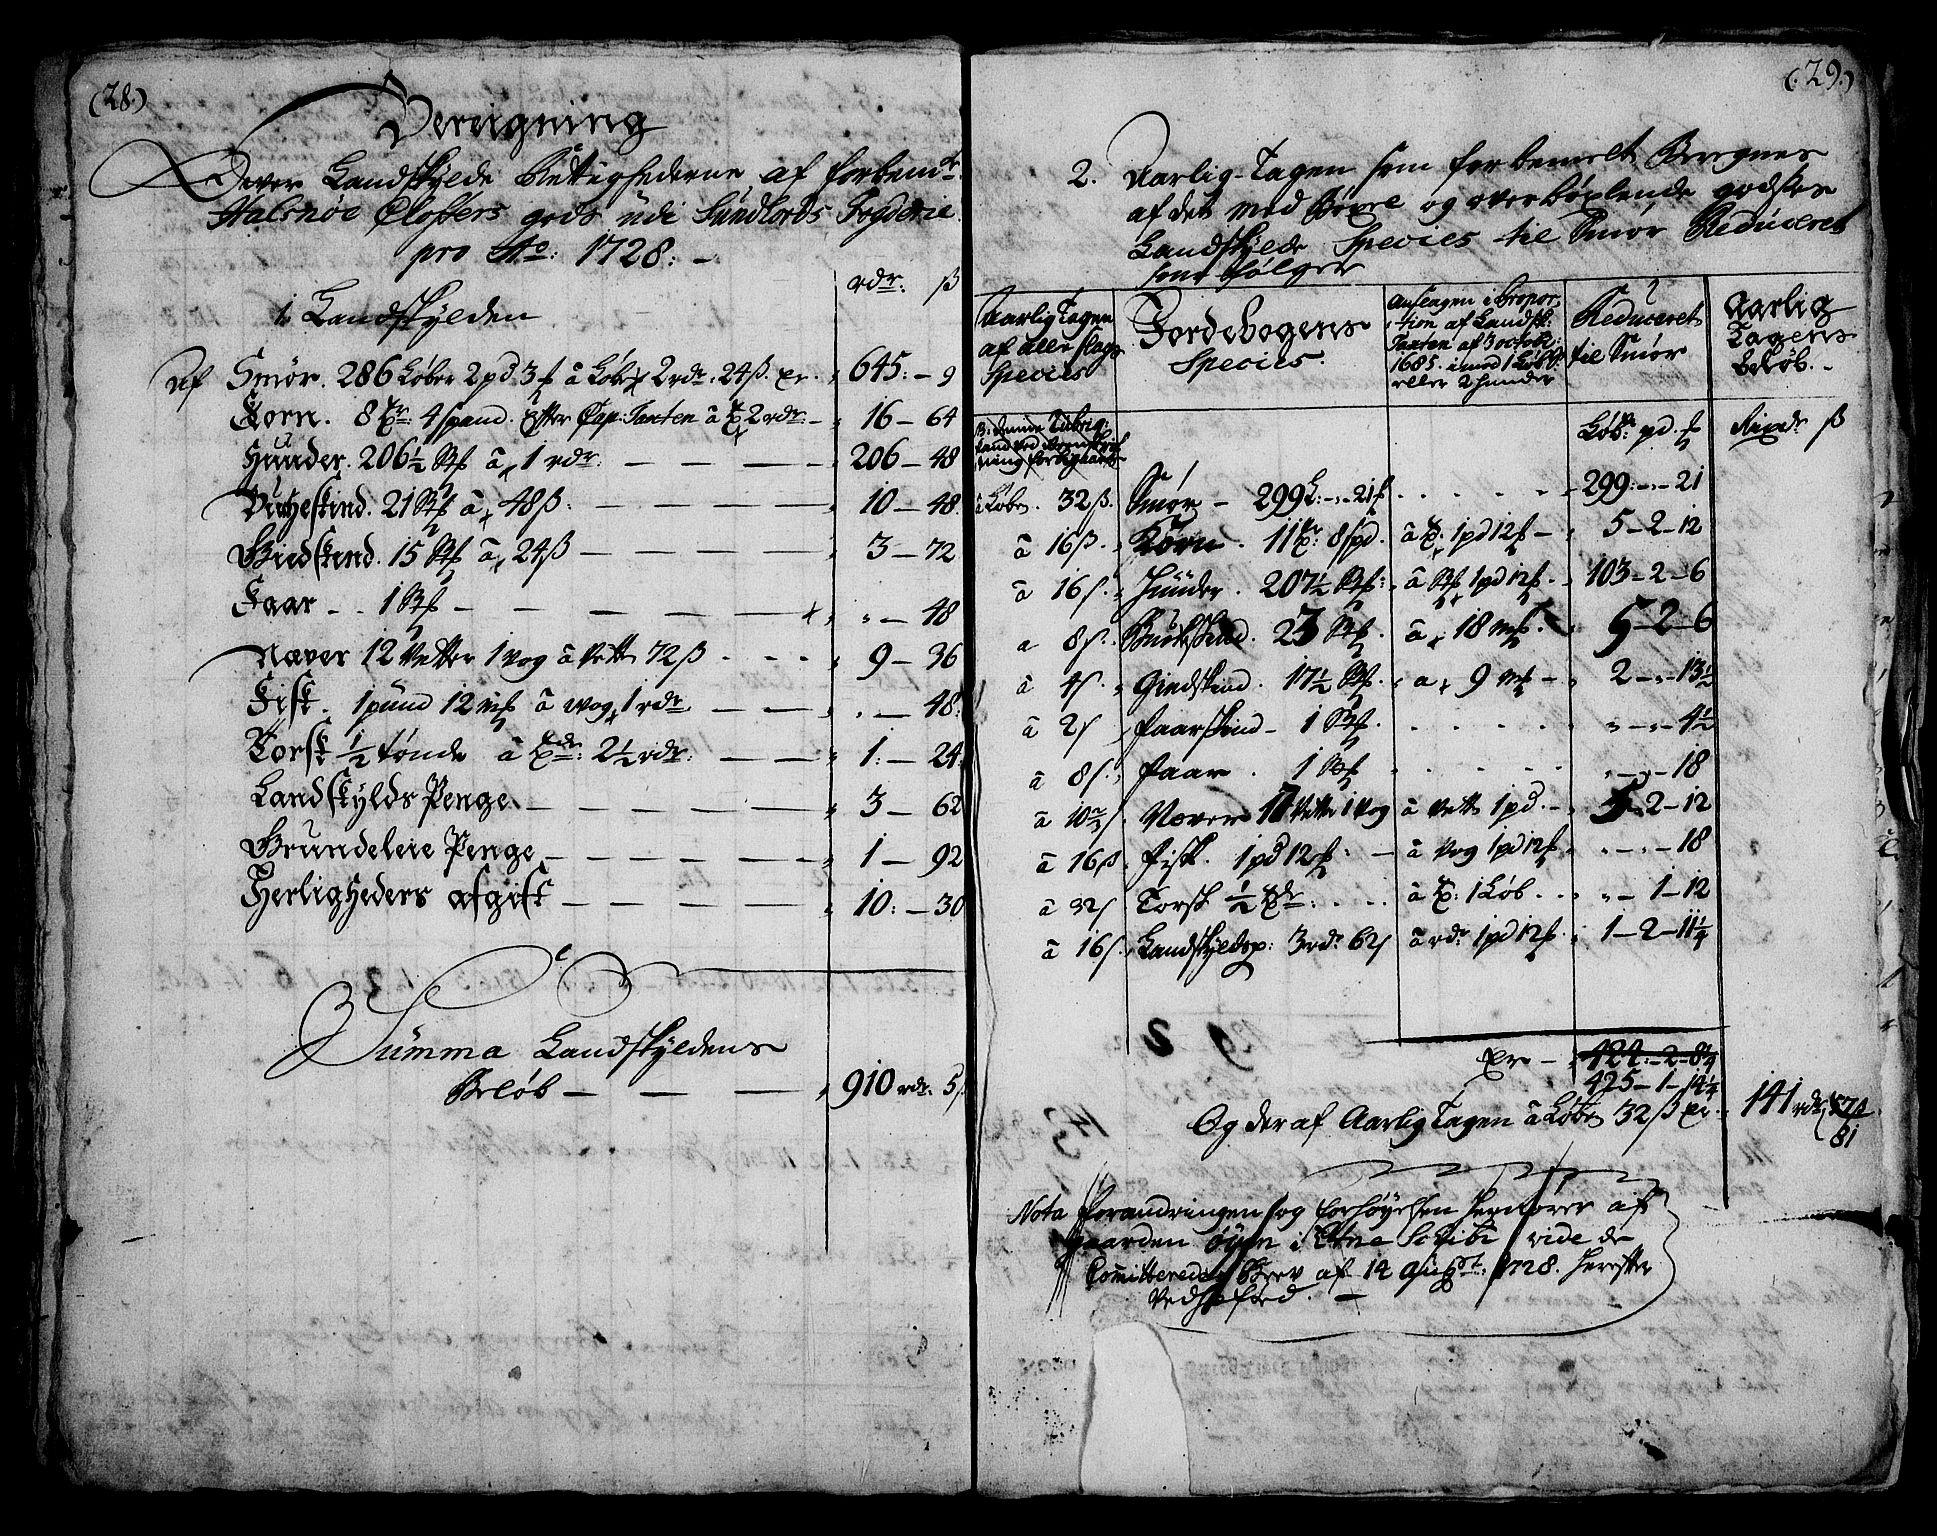 RA, Rentekammeret inntil 1814, Realistisk ordnet avdeling, On/L0003: [Jj 4]: Kommisjonsforretning over Vilhelm Hanssøns forpaktning av Halsnøy klosters gods, 1721-1729, s. 459